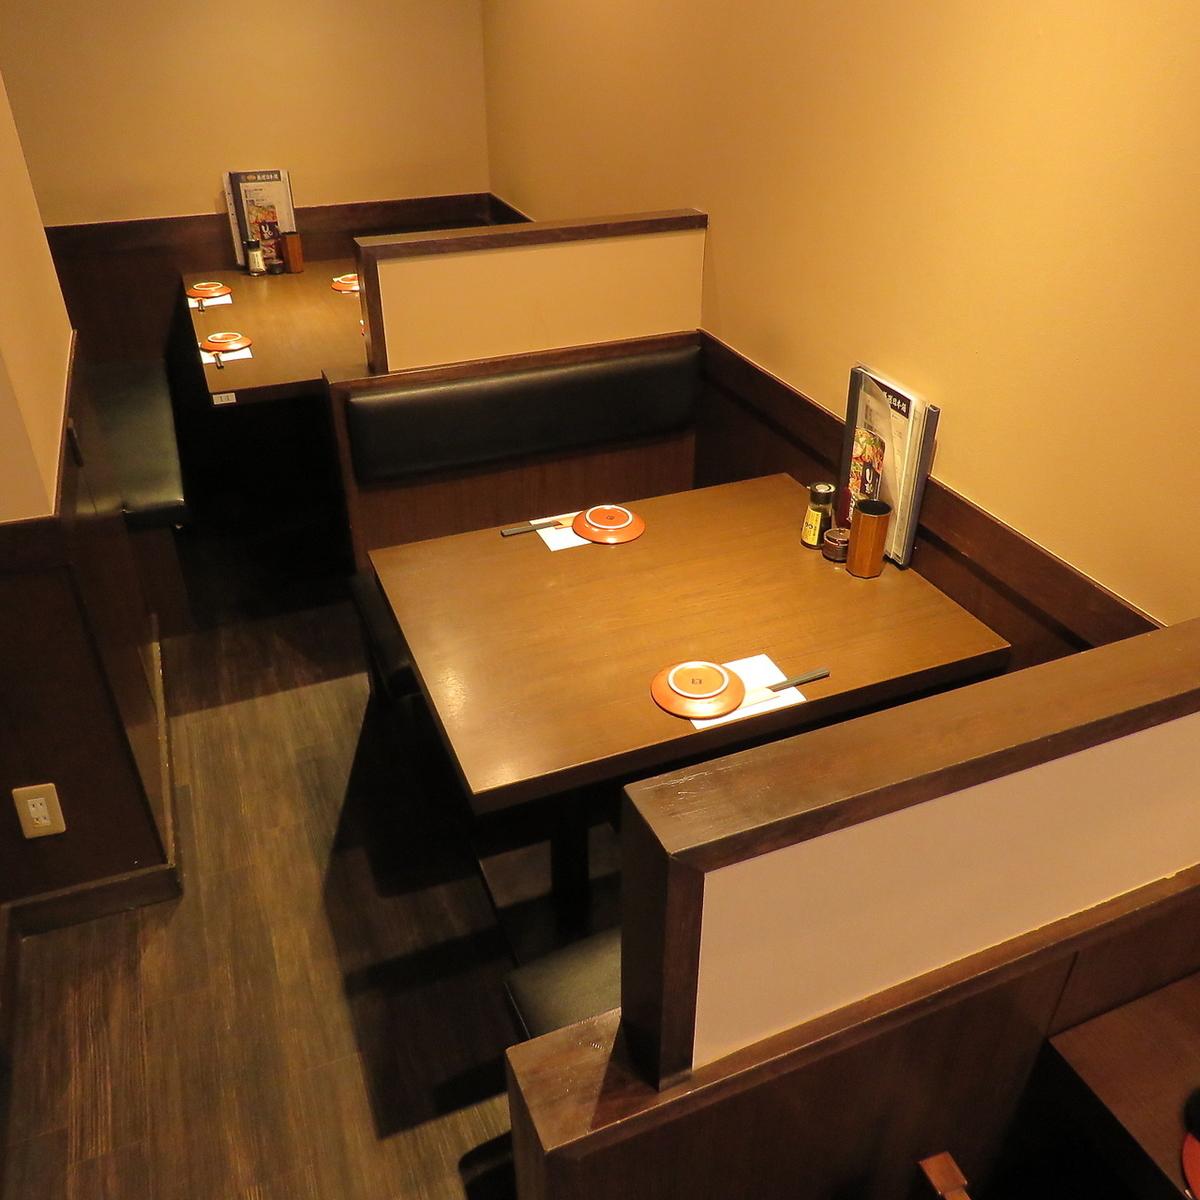 BOX座位可容納4人和2人。這是一個與朋友見面或快速回歸的好地方。我們也可以接受僅限座位的預訂。因為它很受歡迎,所以請儘早預訂!